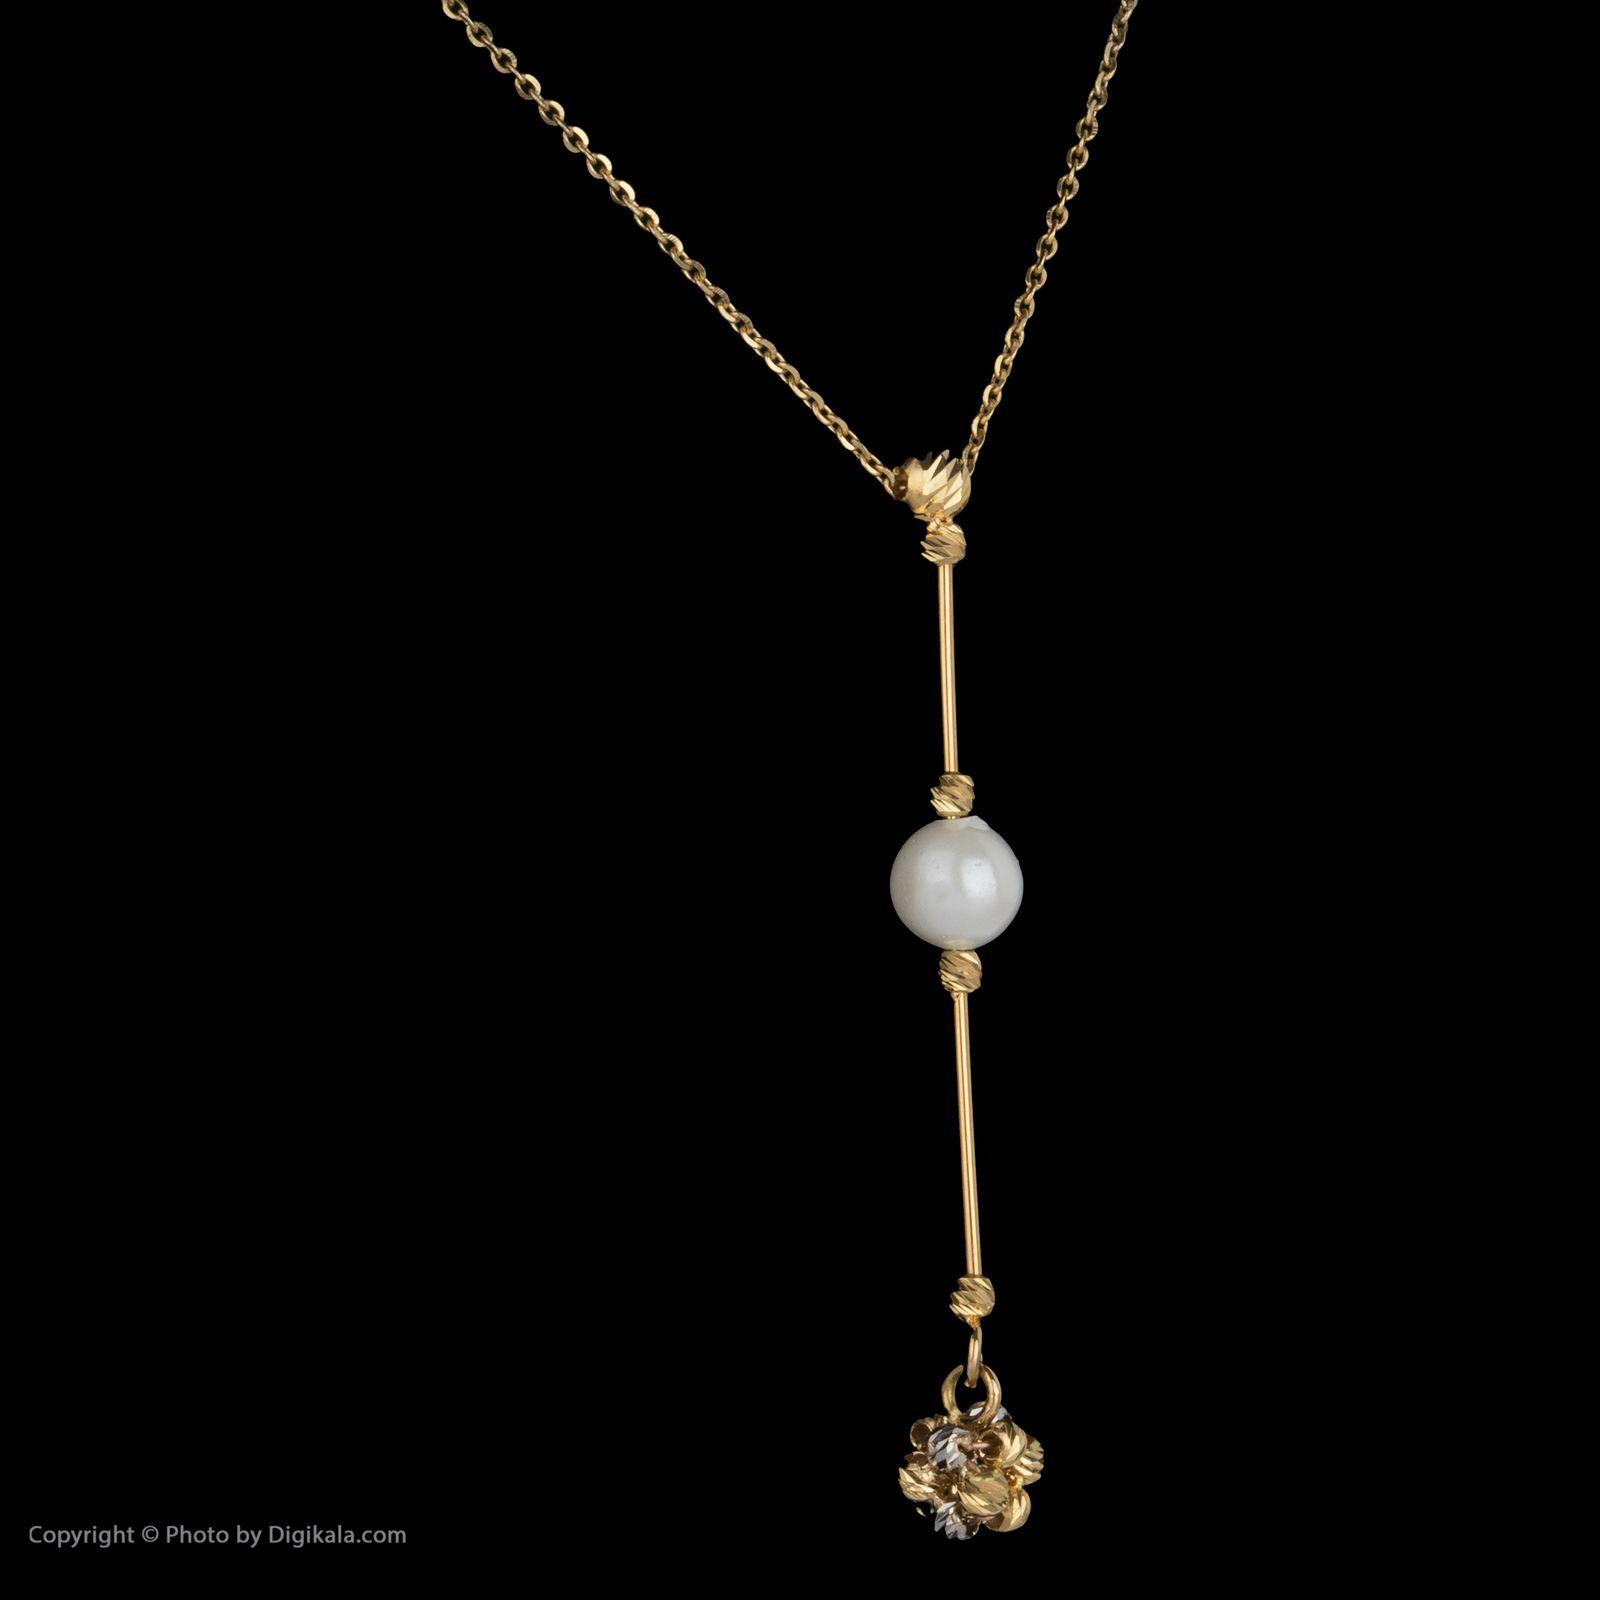 گردنبند طلا 18 عیار زنانه سیودو مدل 144604 -  - 4